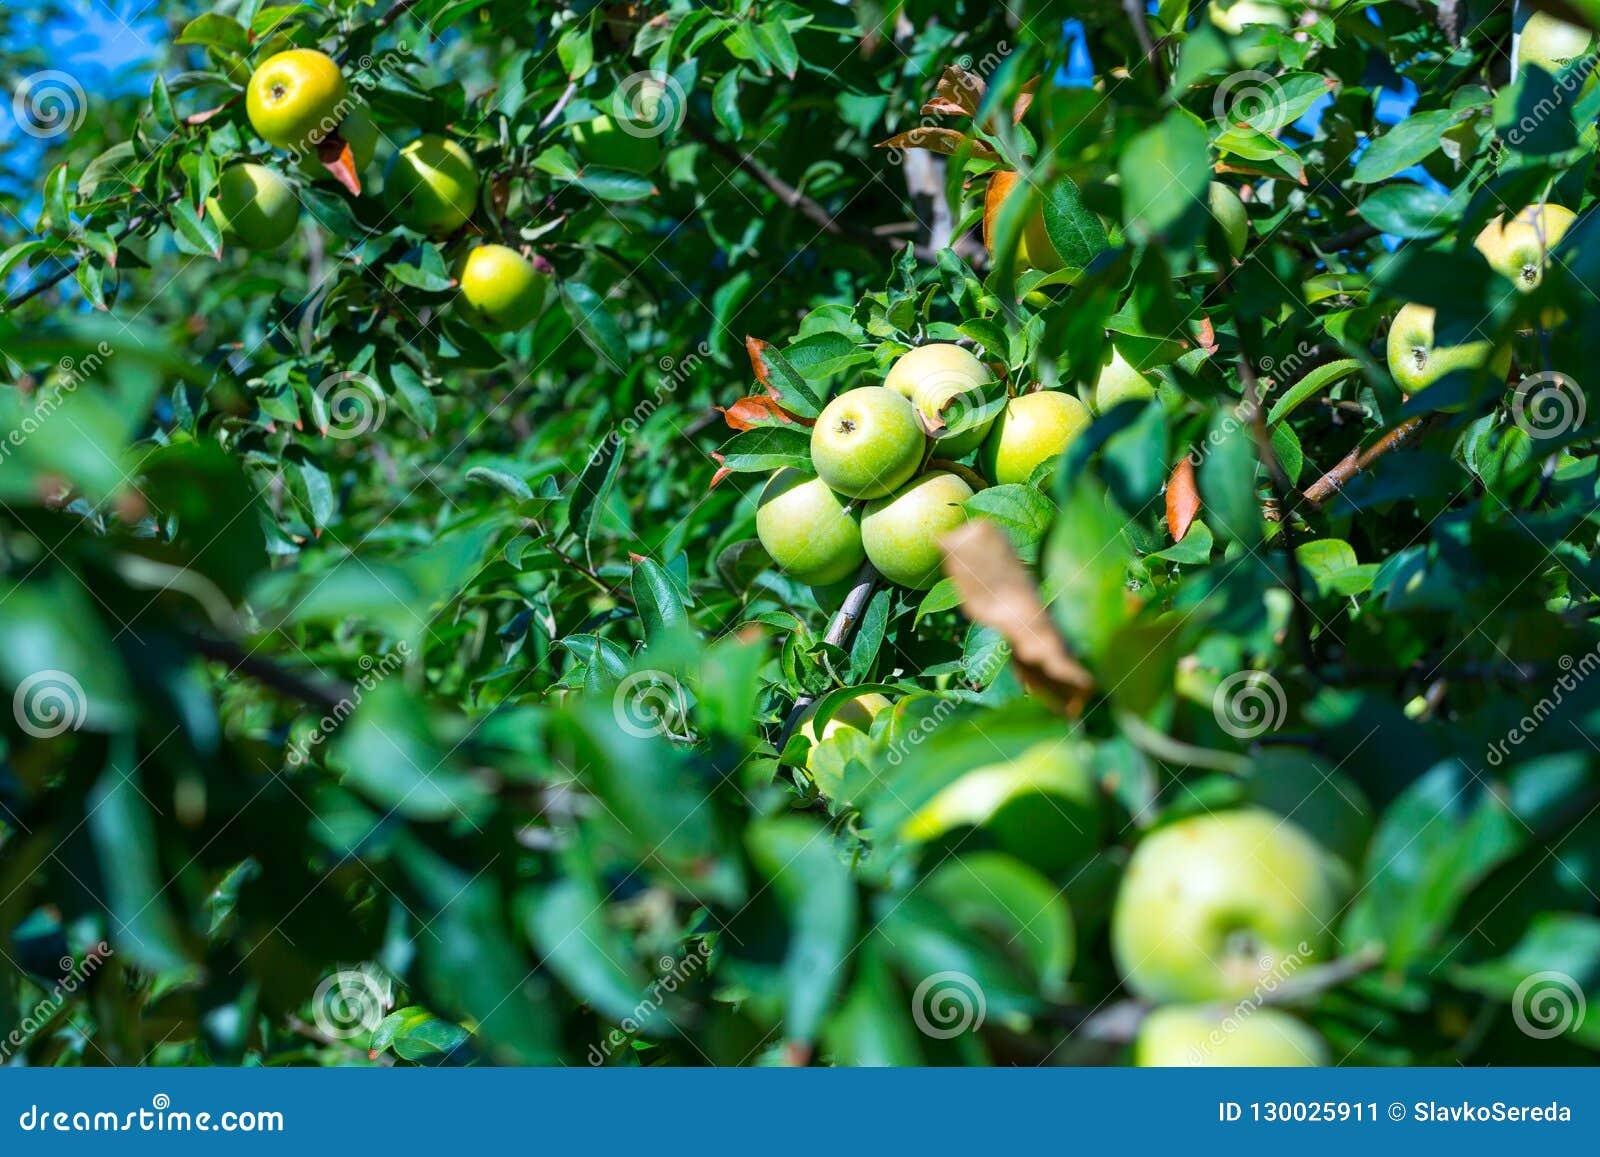 Rijpe vruchten van groene appelen op de takken van jonge appelbomen